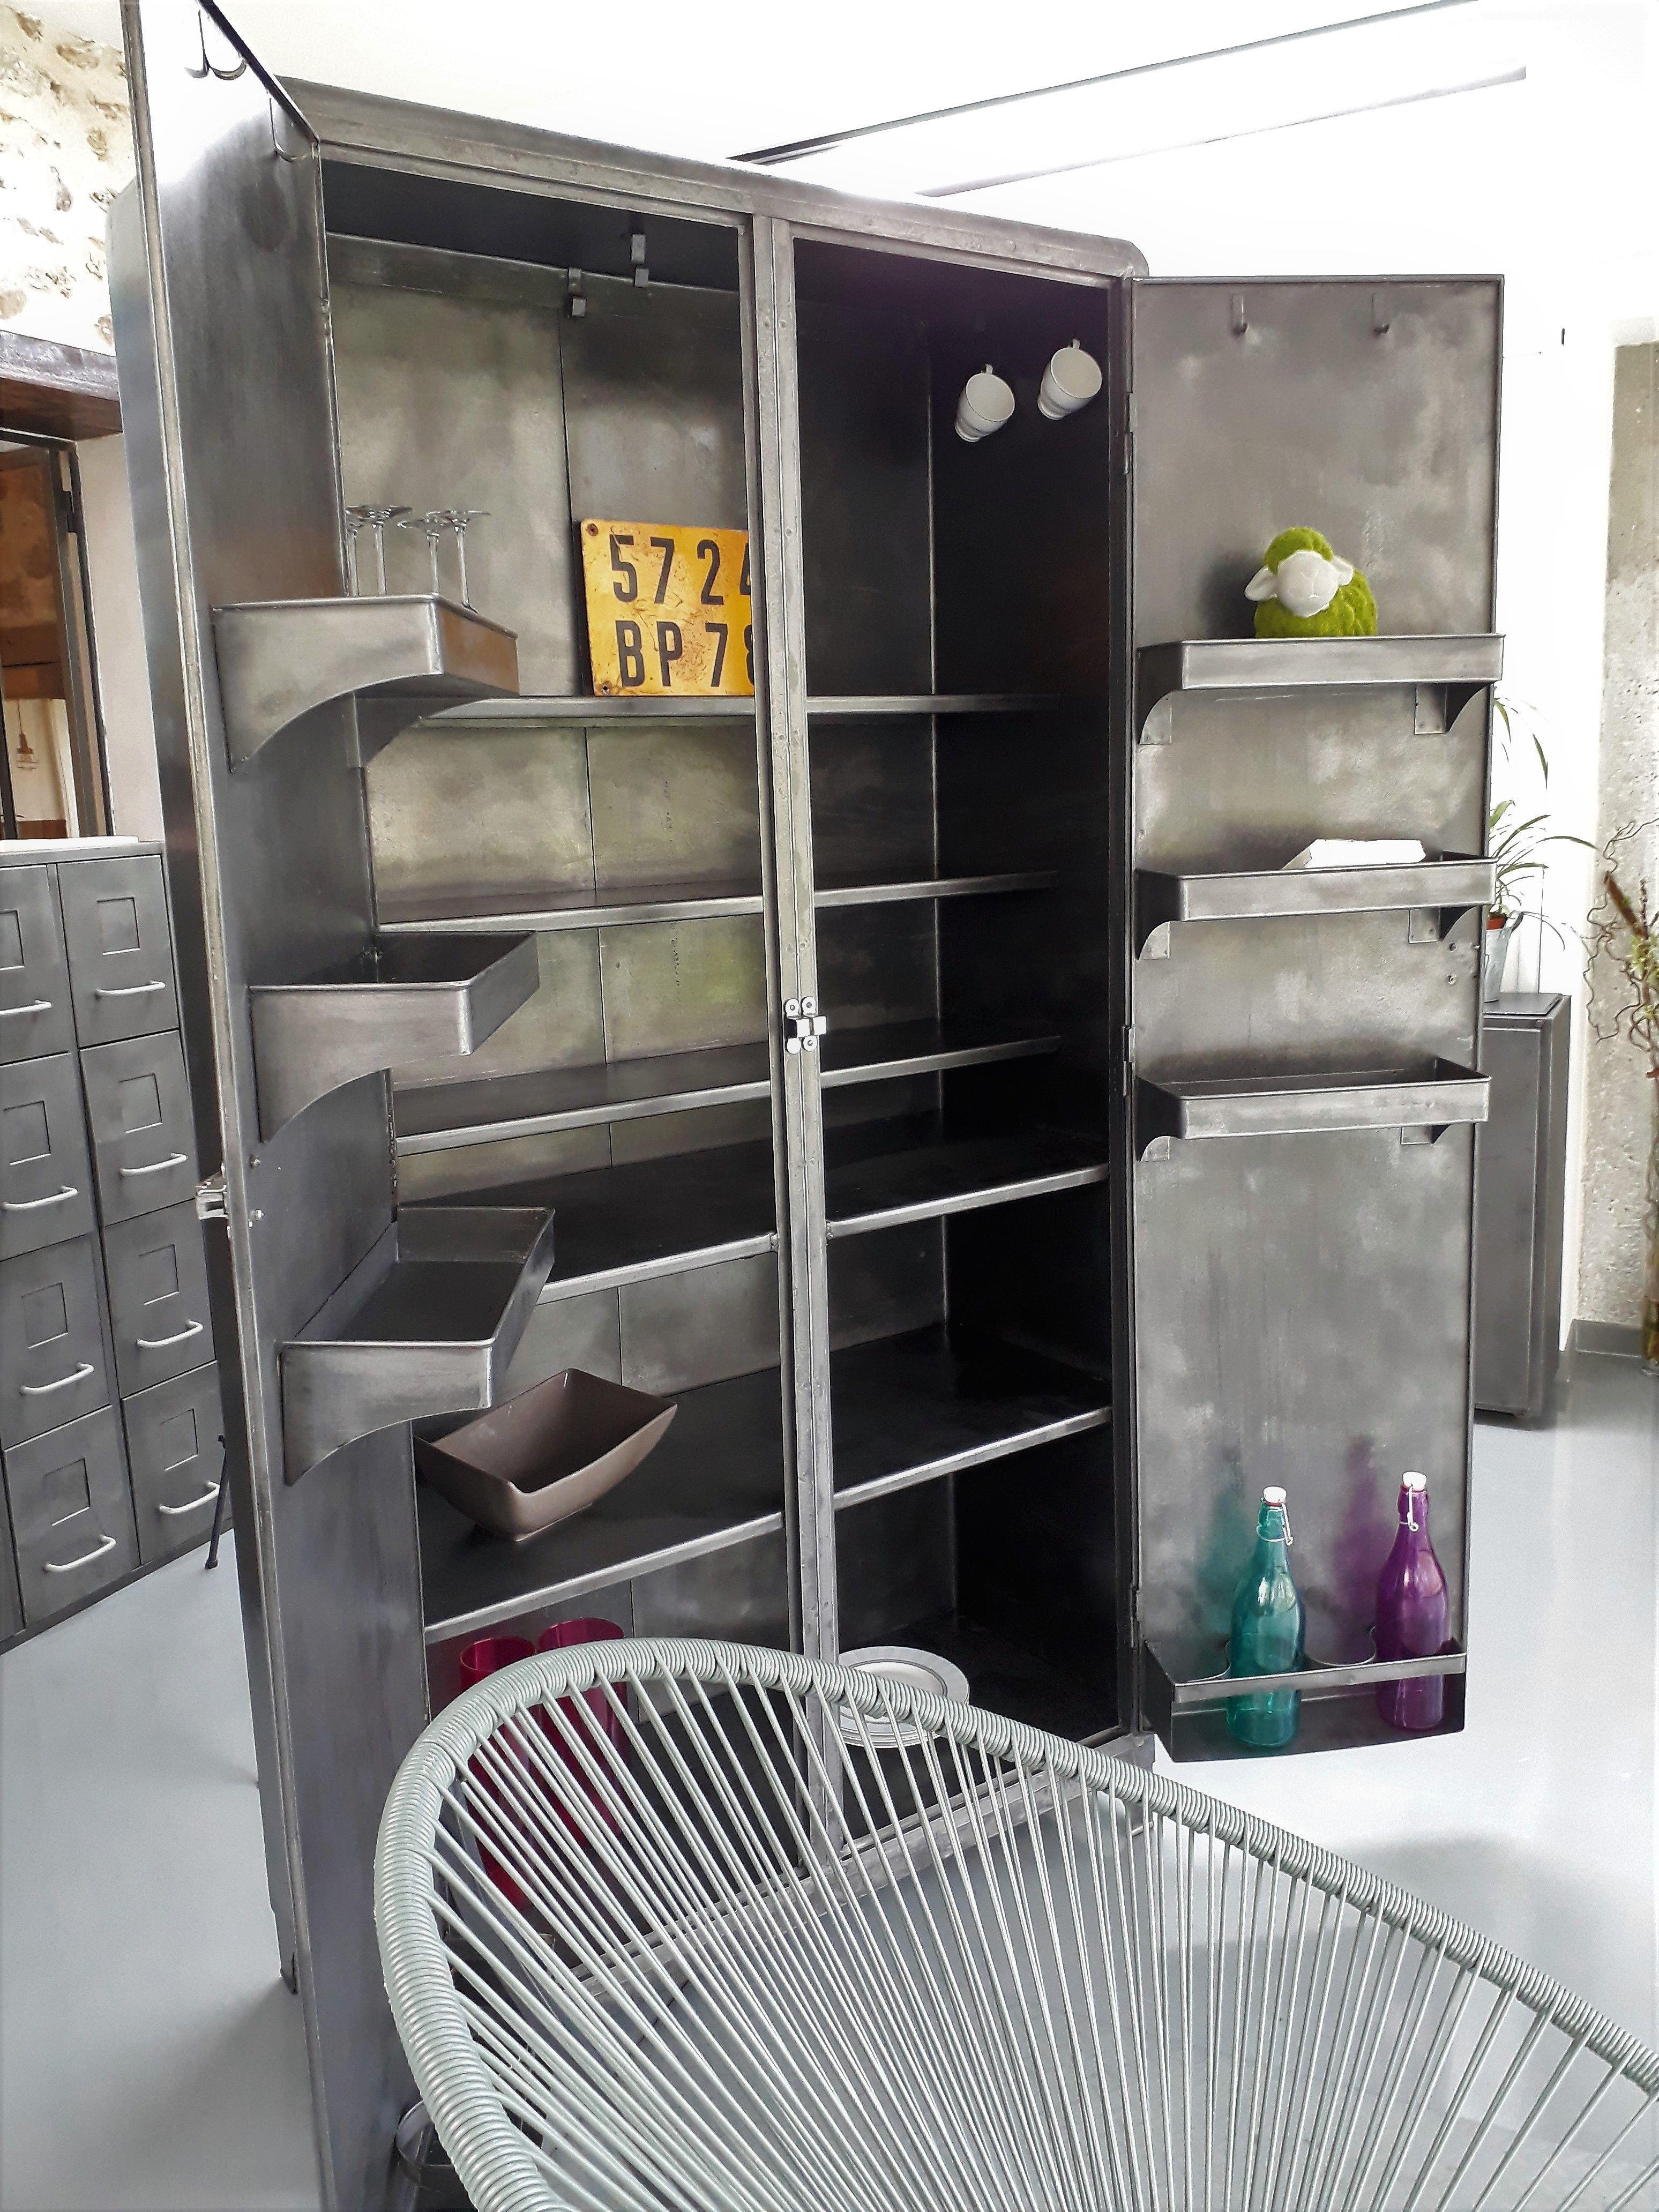 armoire industriel armoire metal vintage inspirationrecup com vous propose cette ancienne armoire de cuisine vintage